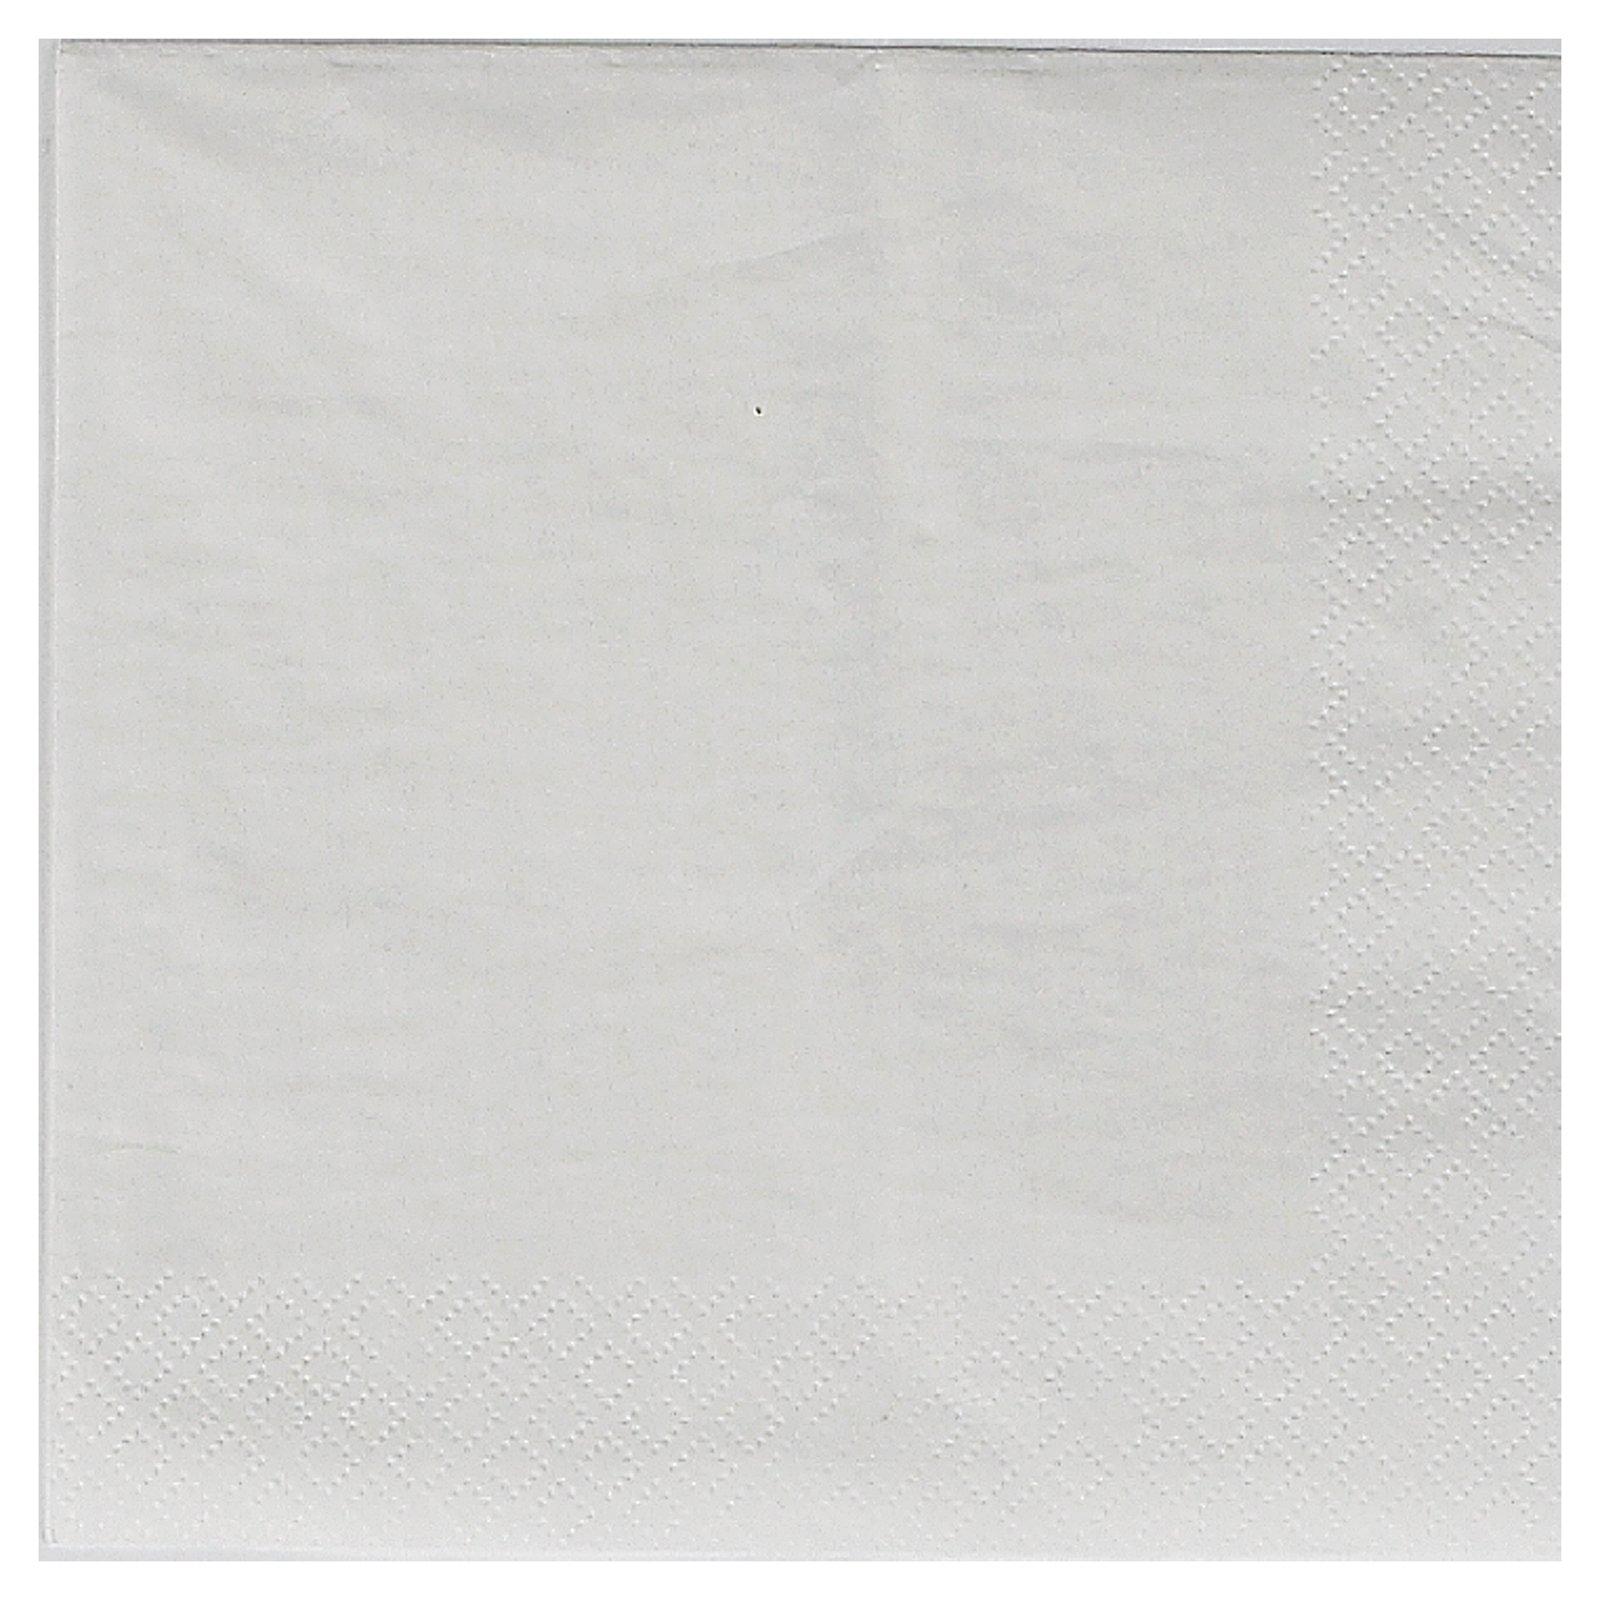 White2ply(50)ServietteLuncheon